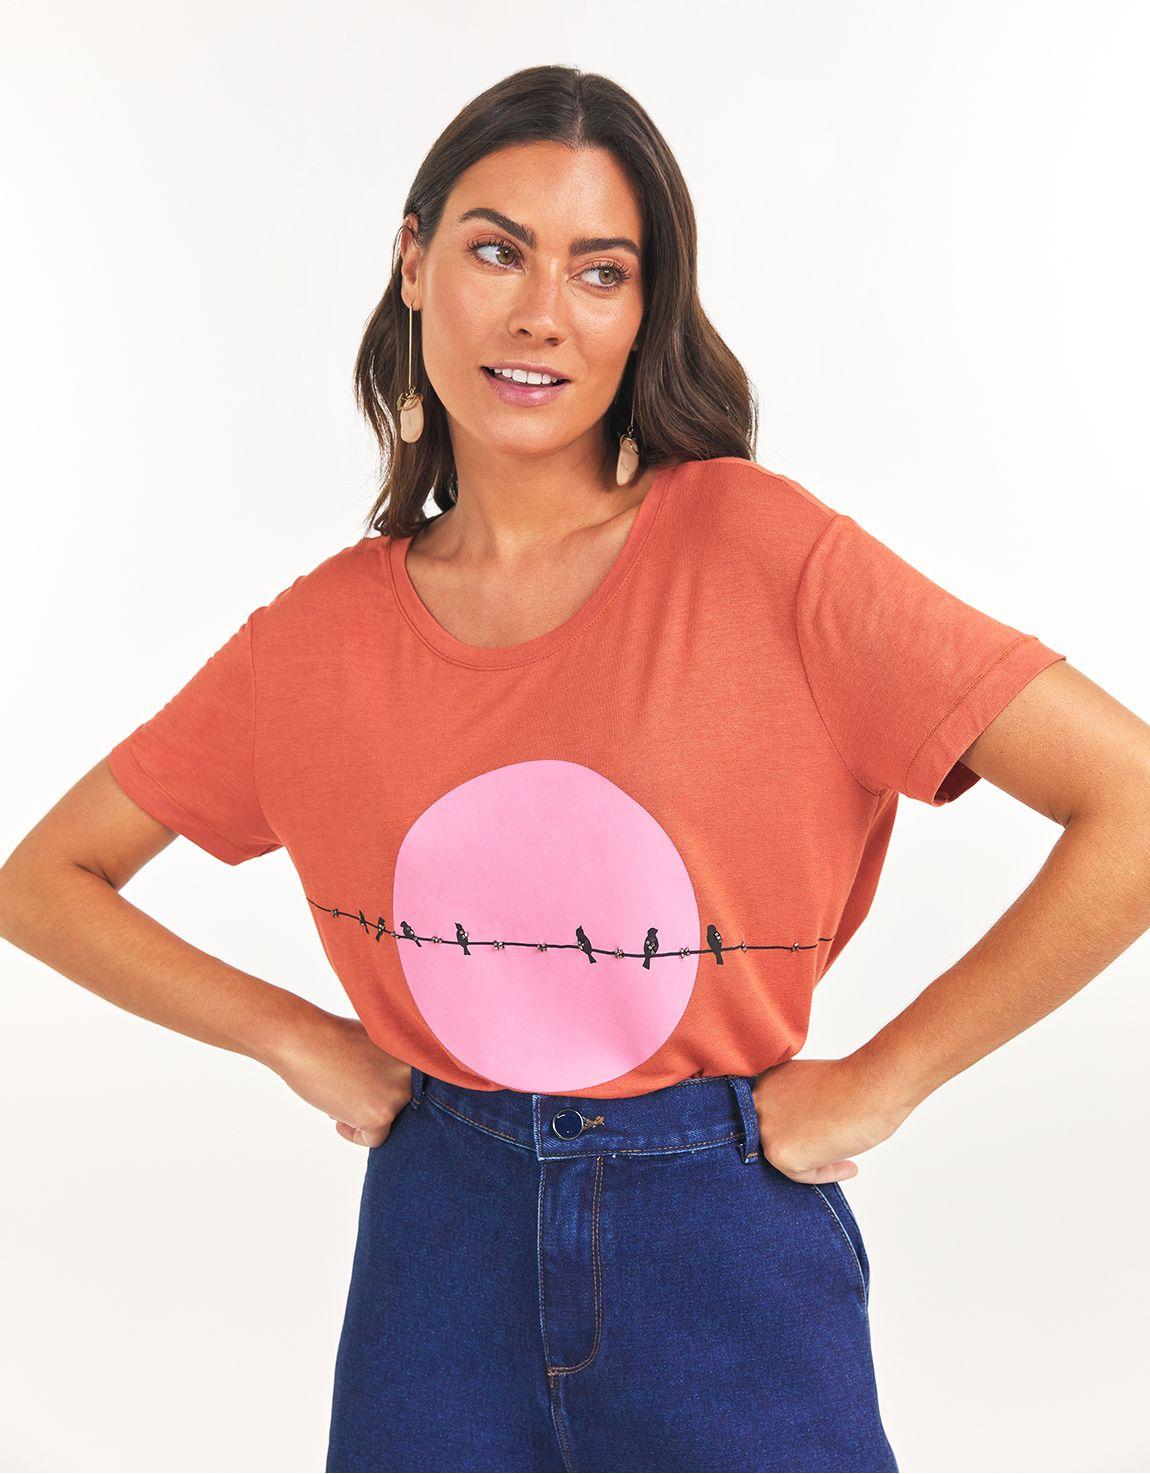 T-shirt passaros bordados